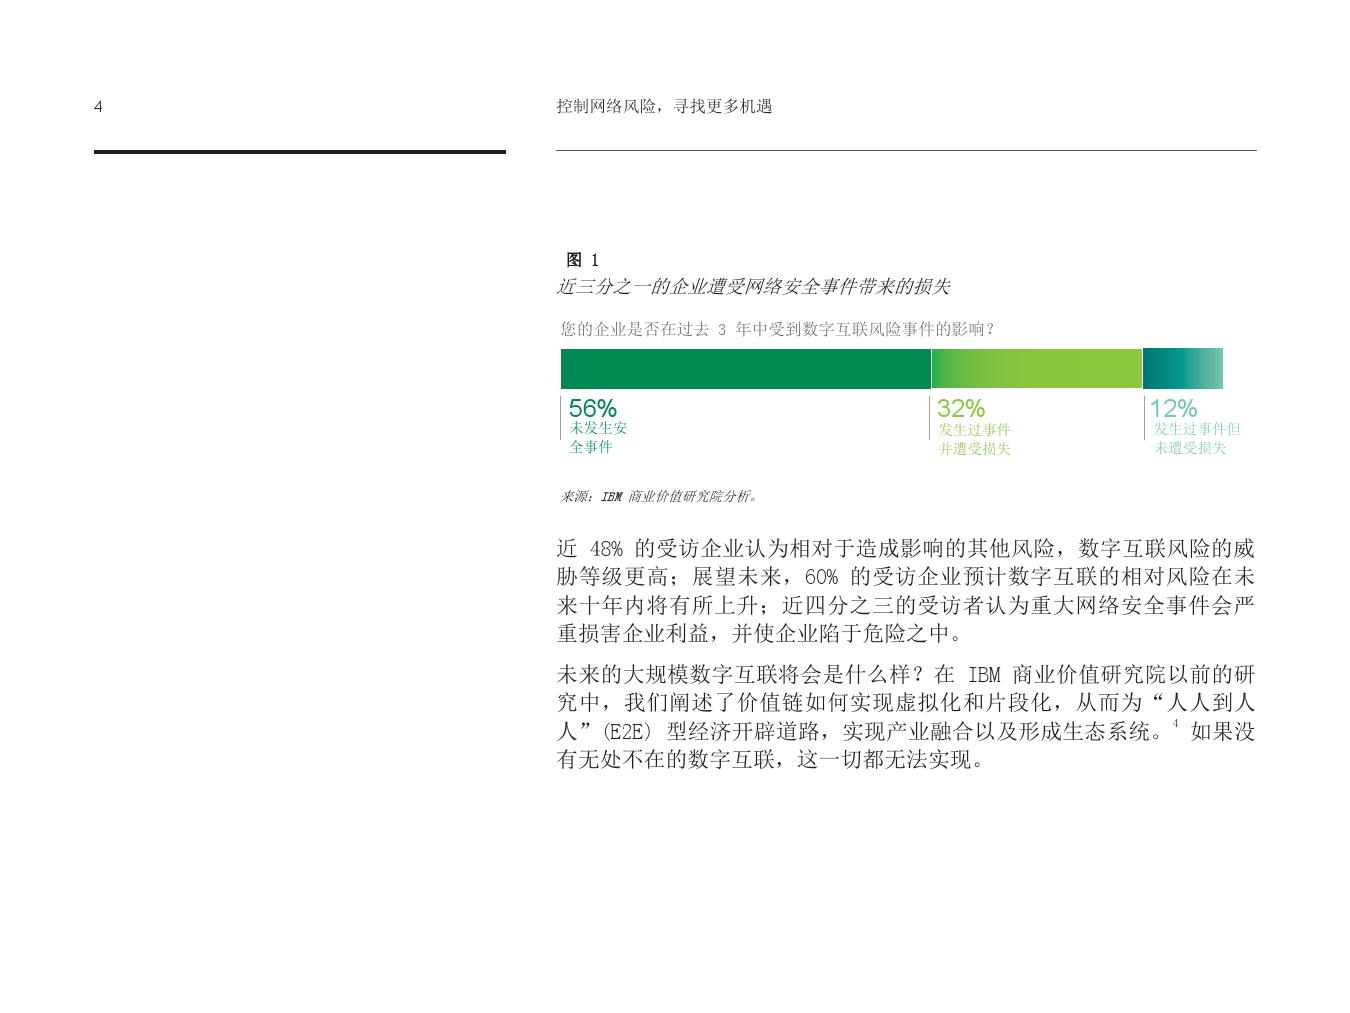 %e6%95%b0%e5%ad%97%e5%8c%96%e4%ba%92%e8%81%94%e4%b8%96%e7%95%8c%e4%b8%ad%e7%9a%84%e4%bf%9d%e9%99%a9%e4%b8%9a%e5%92%8c%e9%a3%8e%e9%99%a9_000006